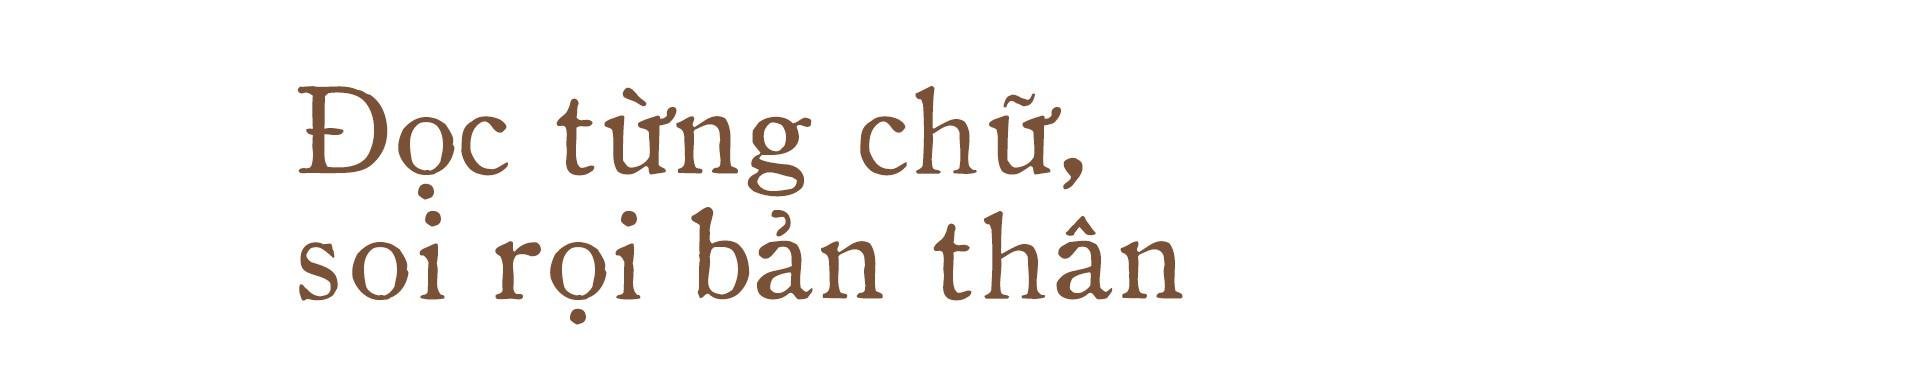 Di chúc của Chủ tịch Hồ Chí Minh: Như ngọn đuốc soi đường cho dân tộc - Ảnh 8.